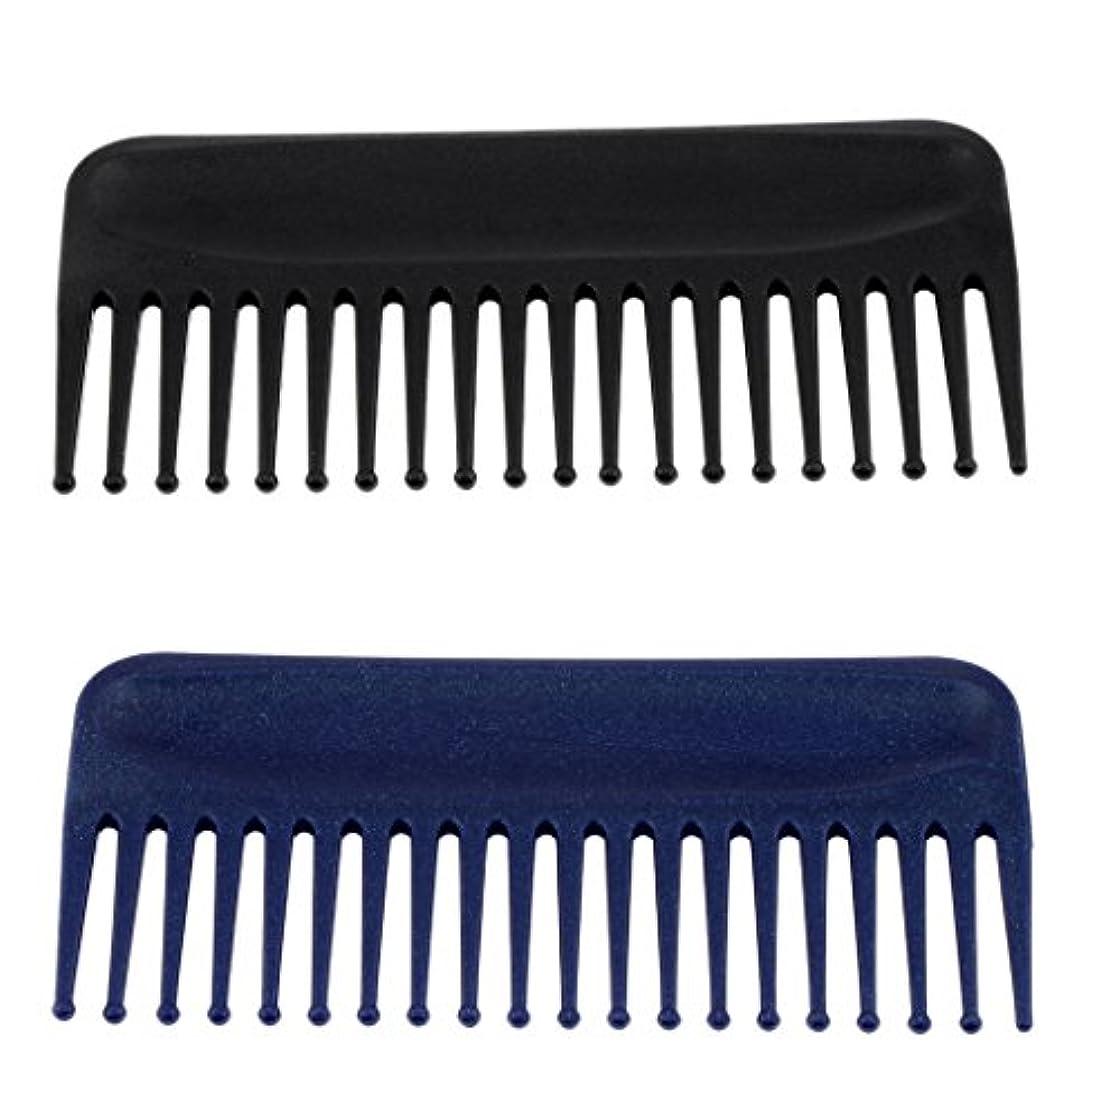 自治スナッチ人物Baosity ヘアコーム くし 櫛 ヘアブラシ  頭皮マッサージ 静電気防止 美髪ケア 快適 プラスチック製 2個